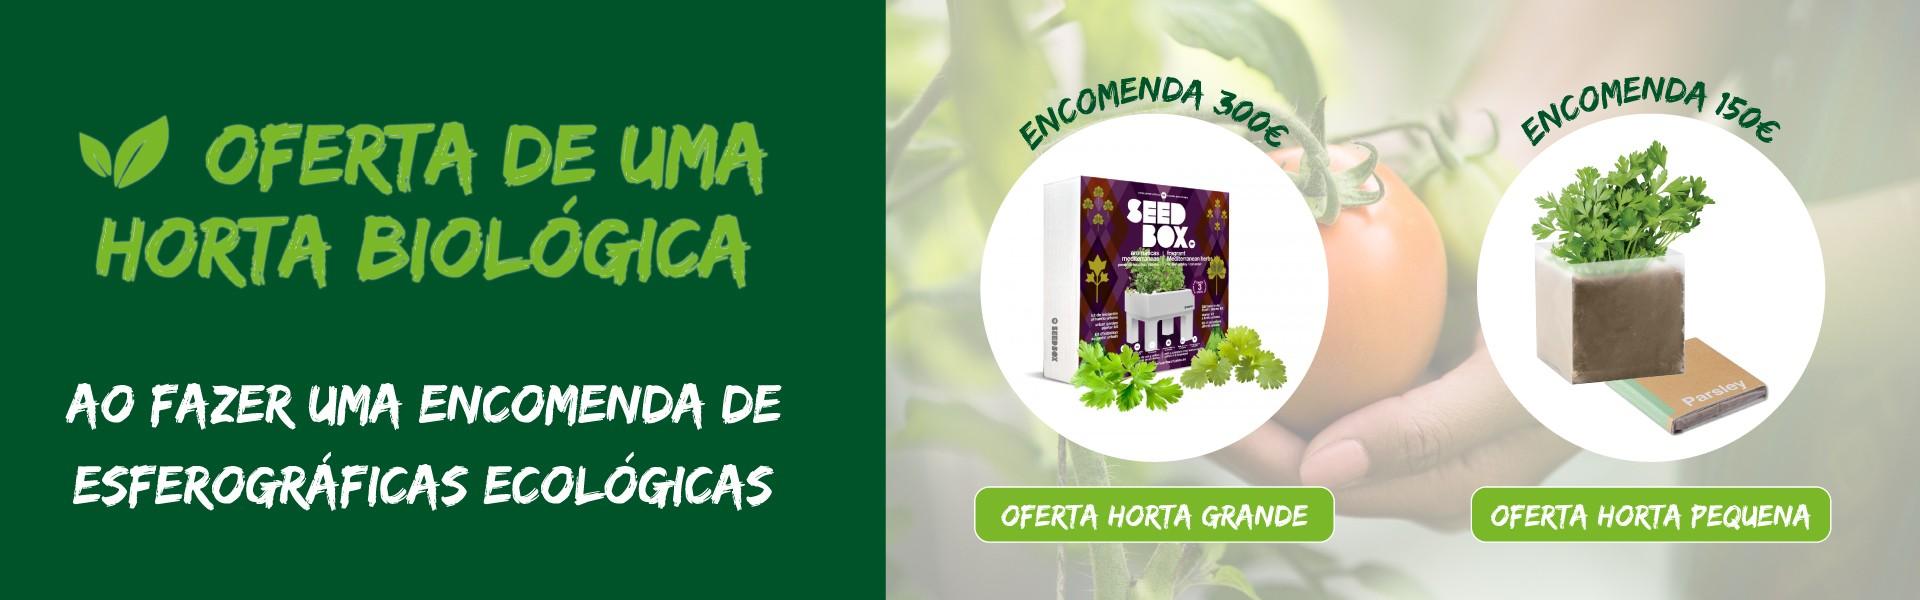 Oferta Horta Ecológica